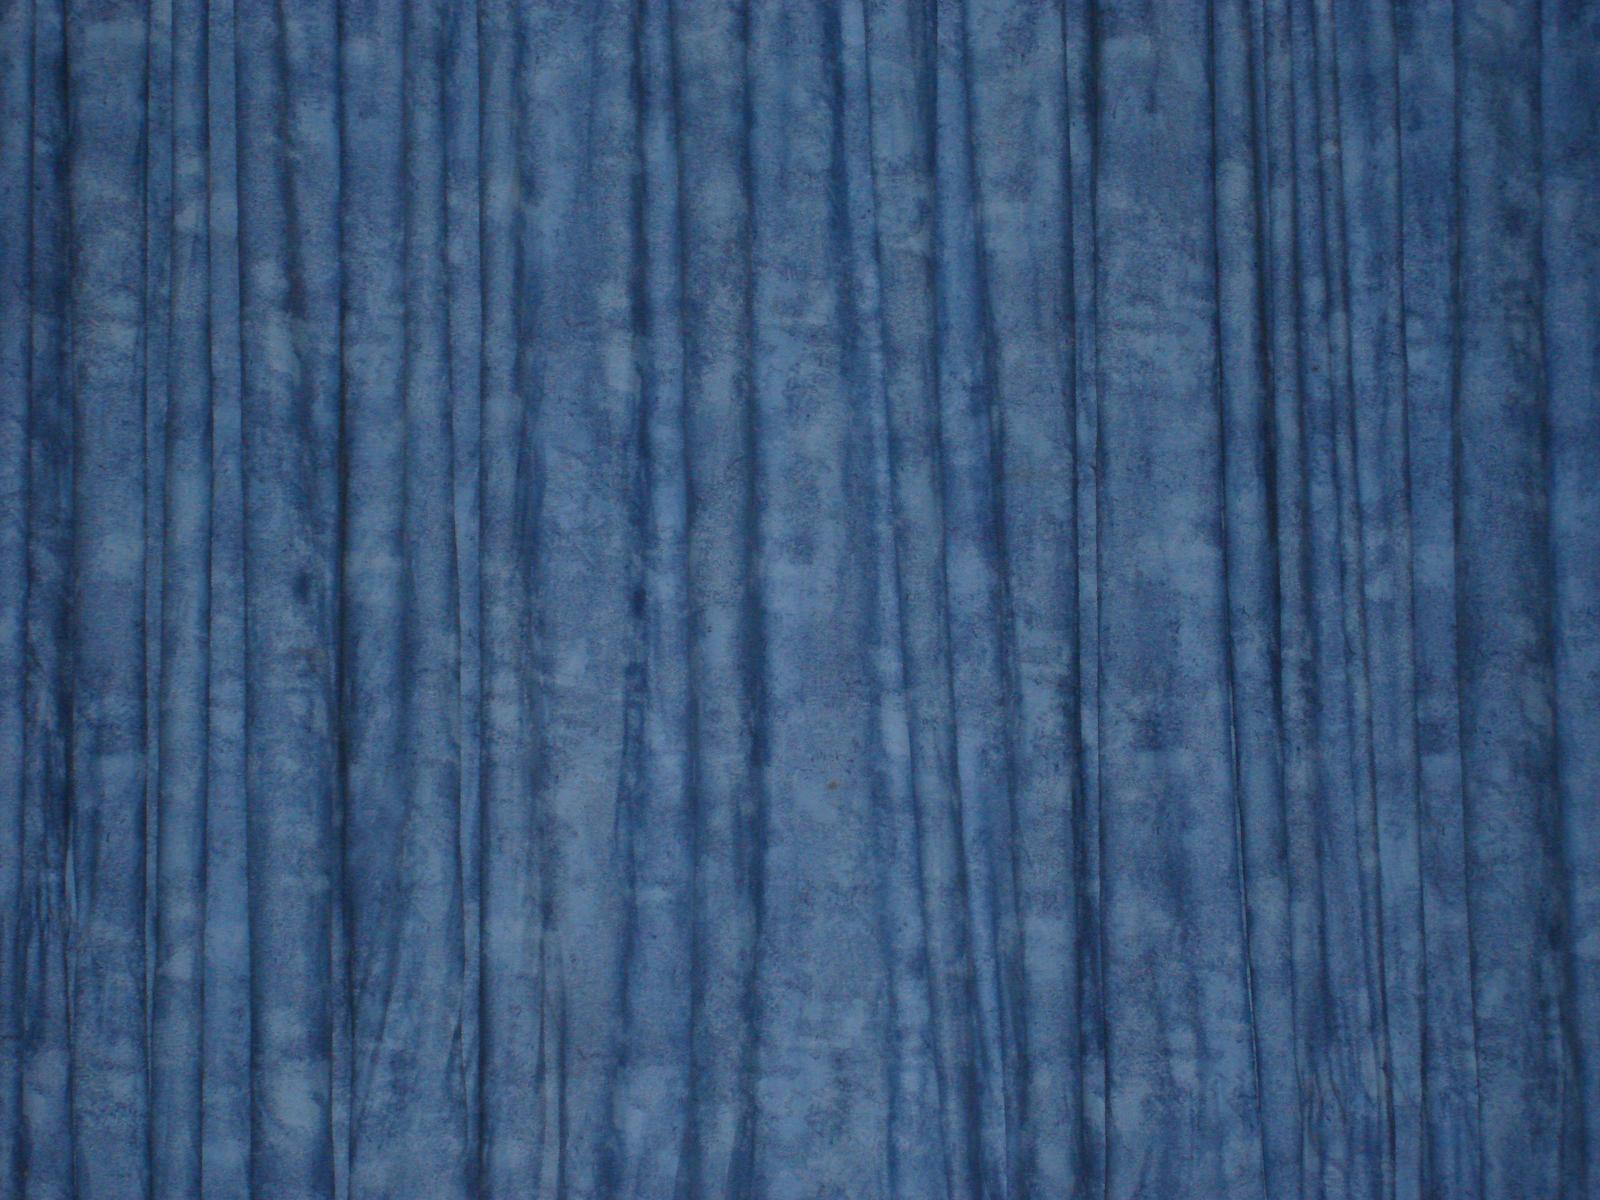 Curtains texture - Window Curtains Texture Curtains Texture